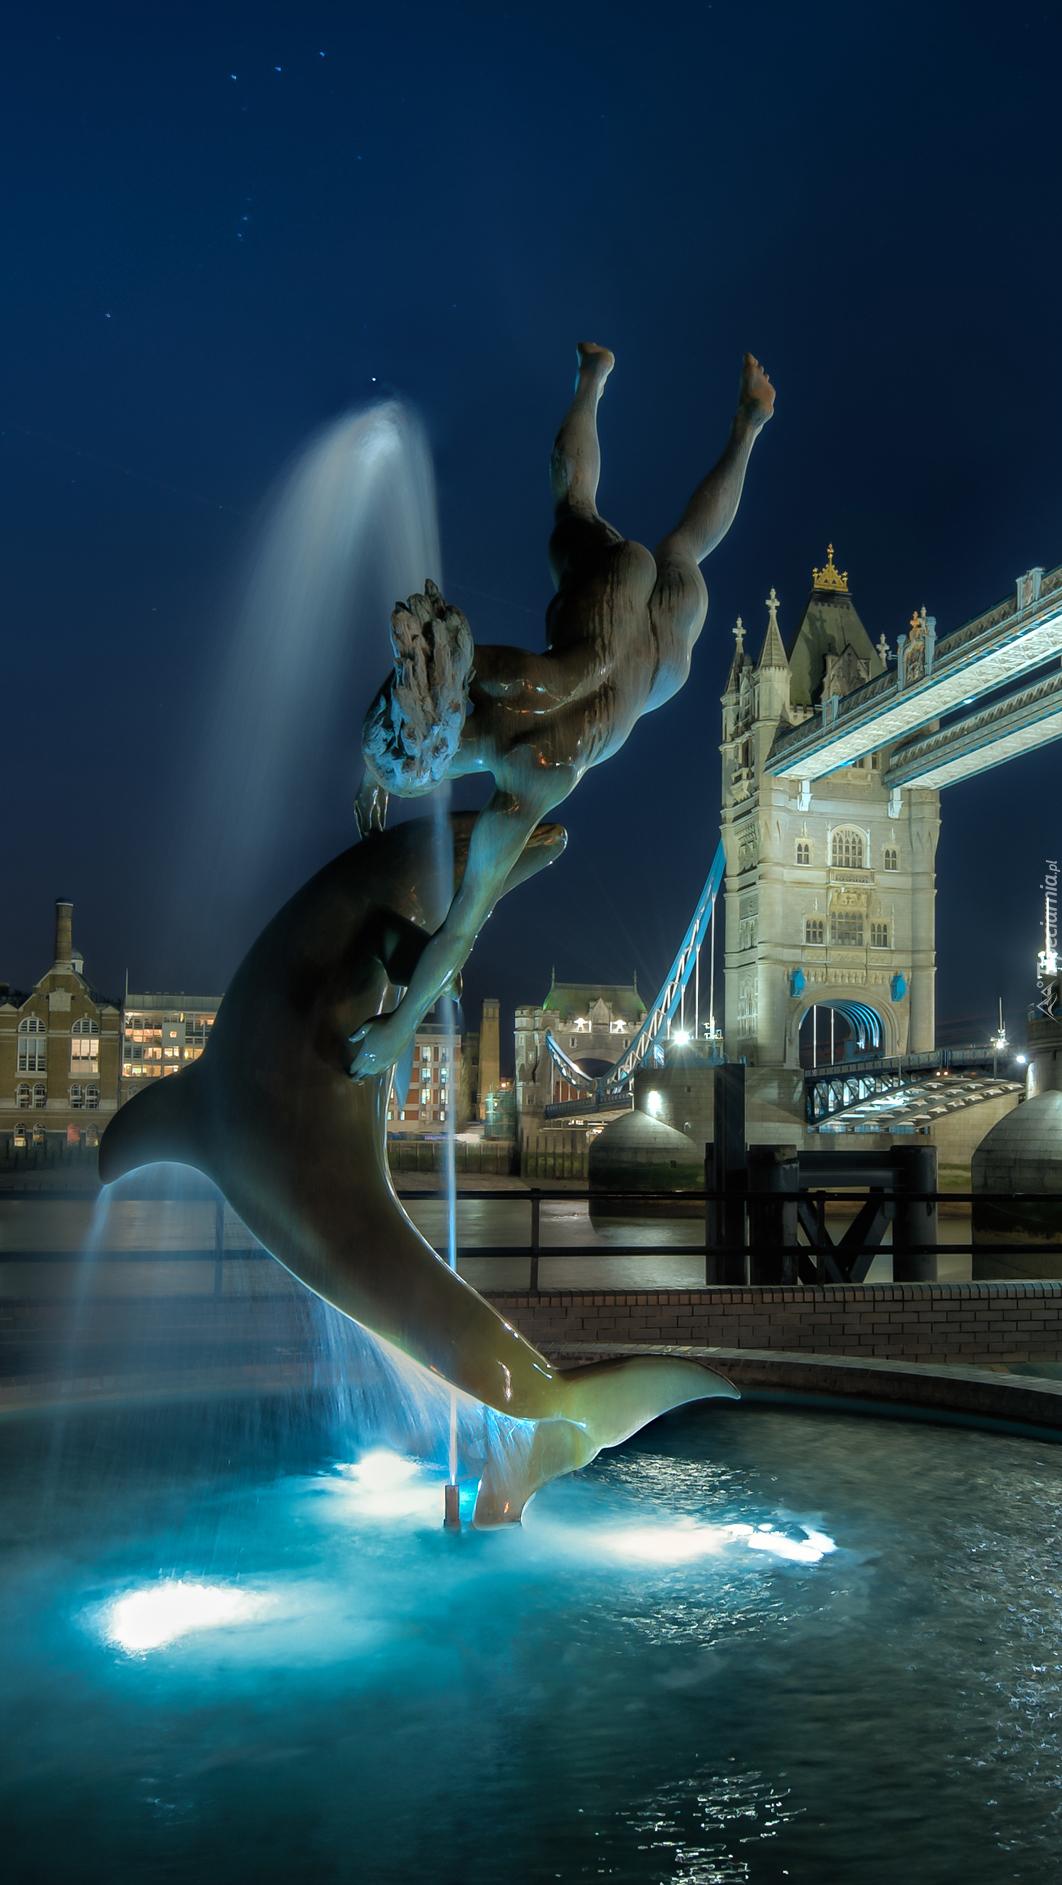 Fontana przy moście Tower Bridge